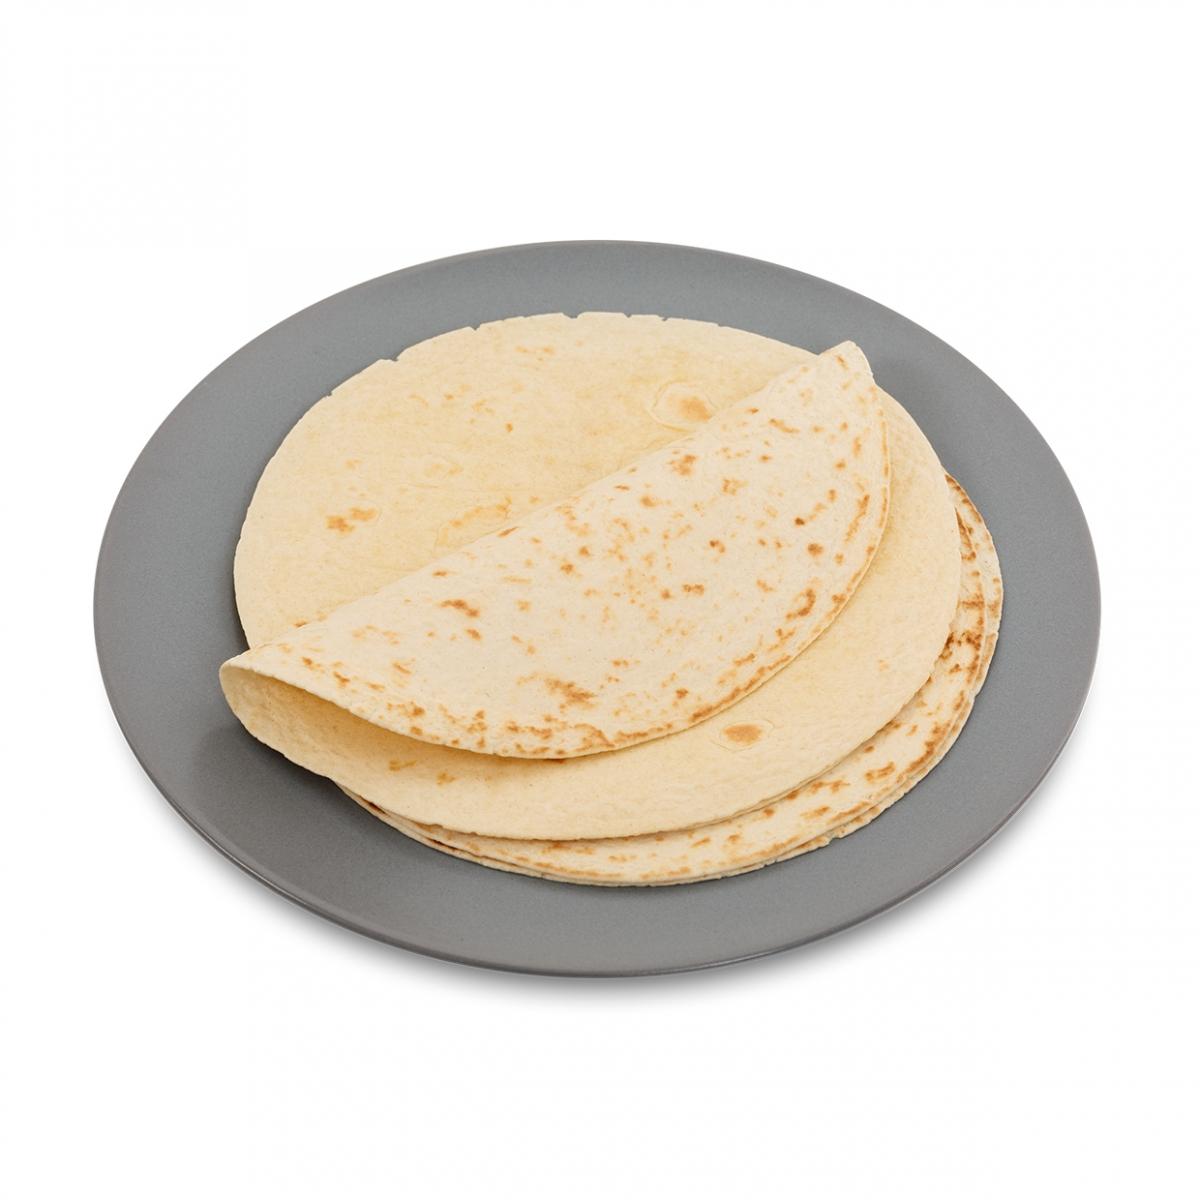 Imagen en la que se ve un plato con tortas de maíz